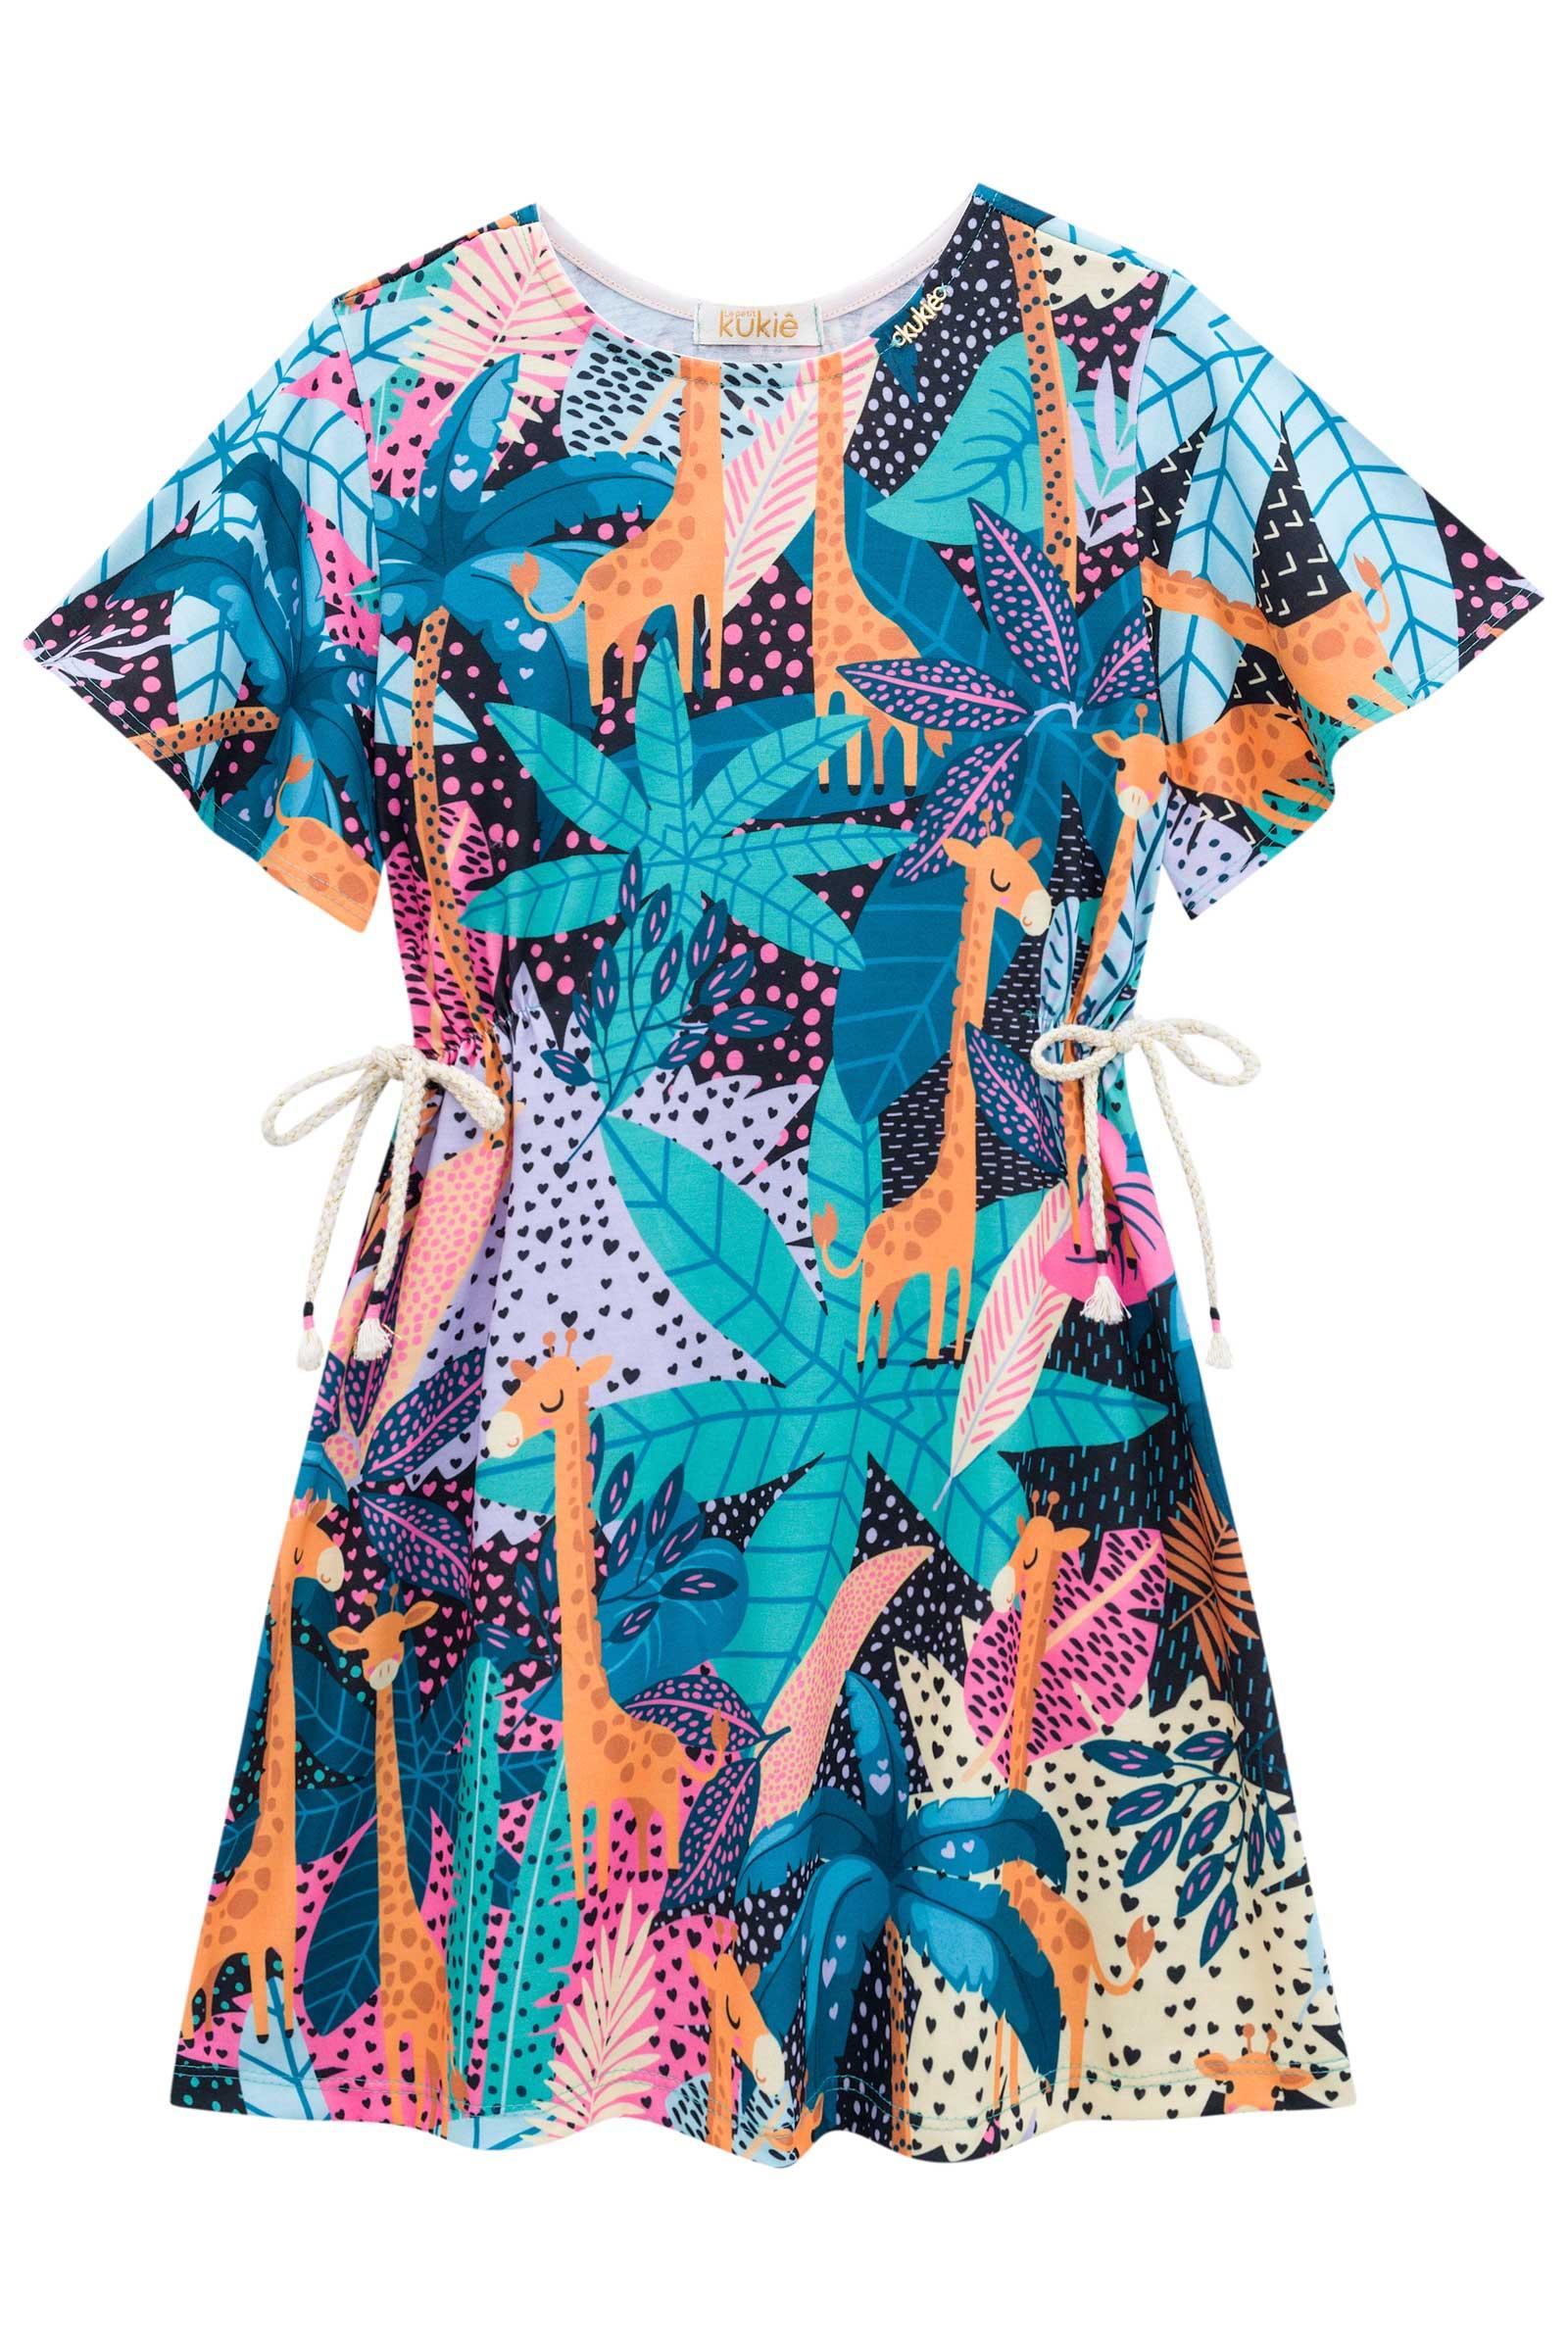 Vestido Kukie Alecrim Verão Girafa